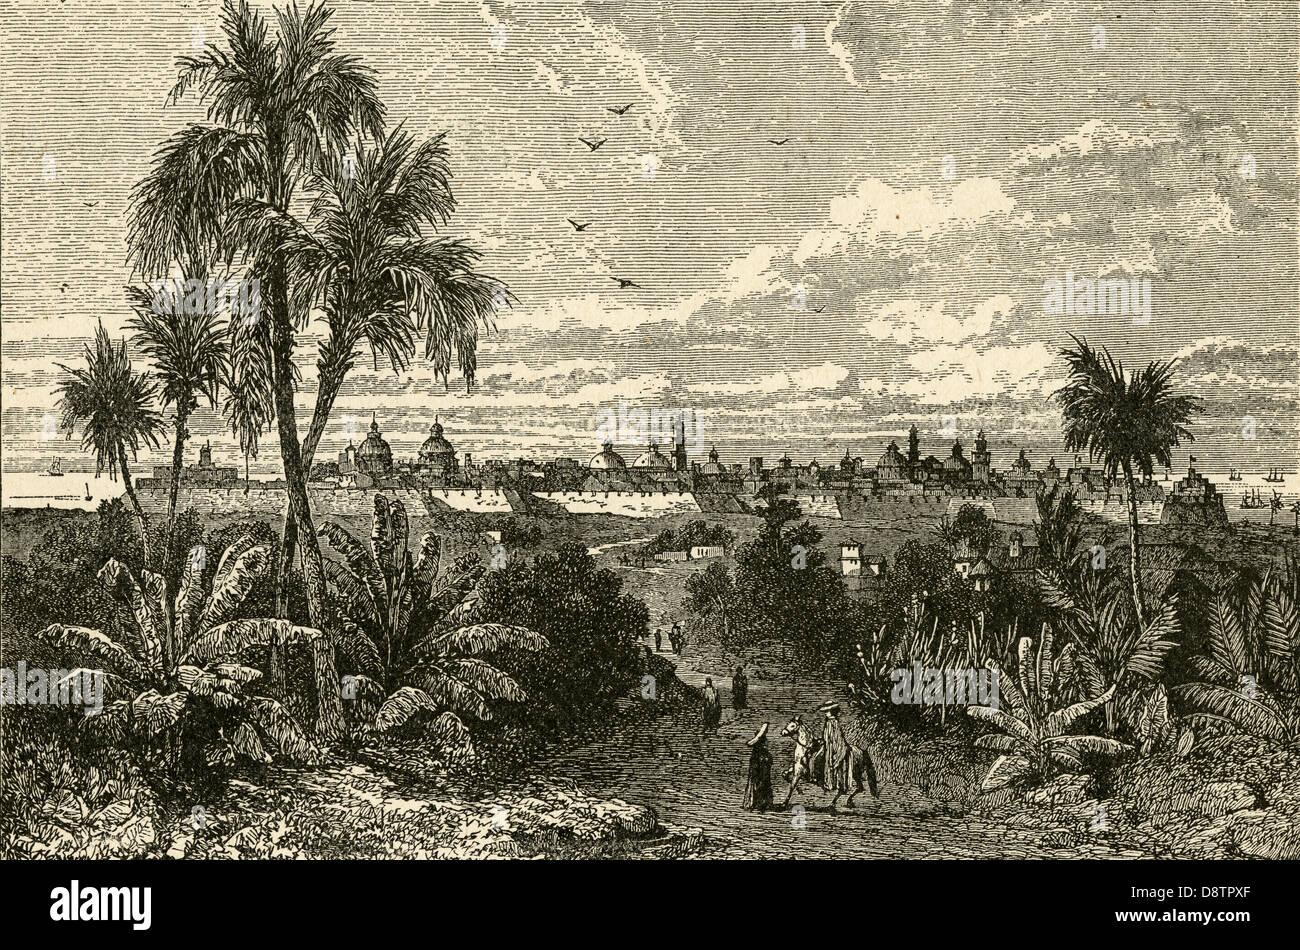 Antique circa 1880s engraving, Veracruz, Mexico. - Stock Image